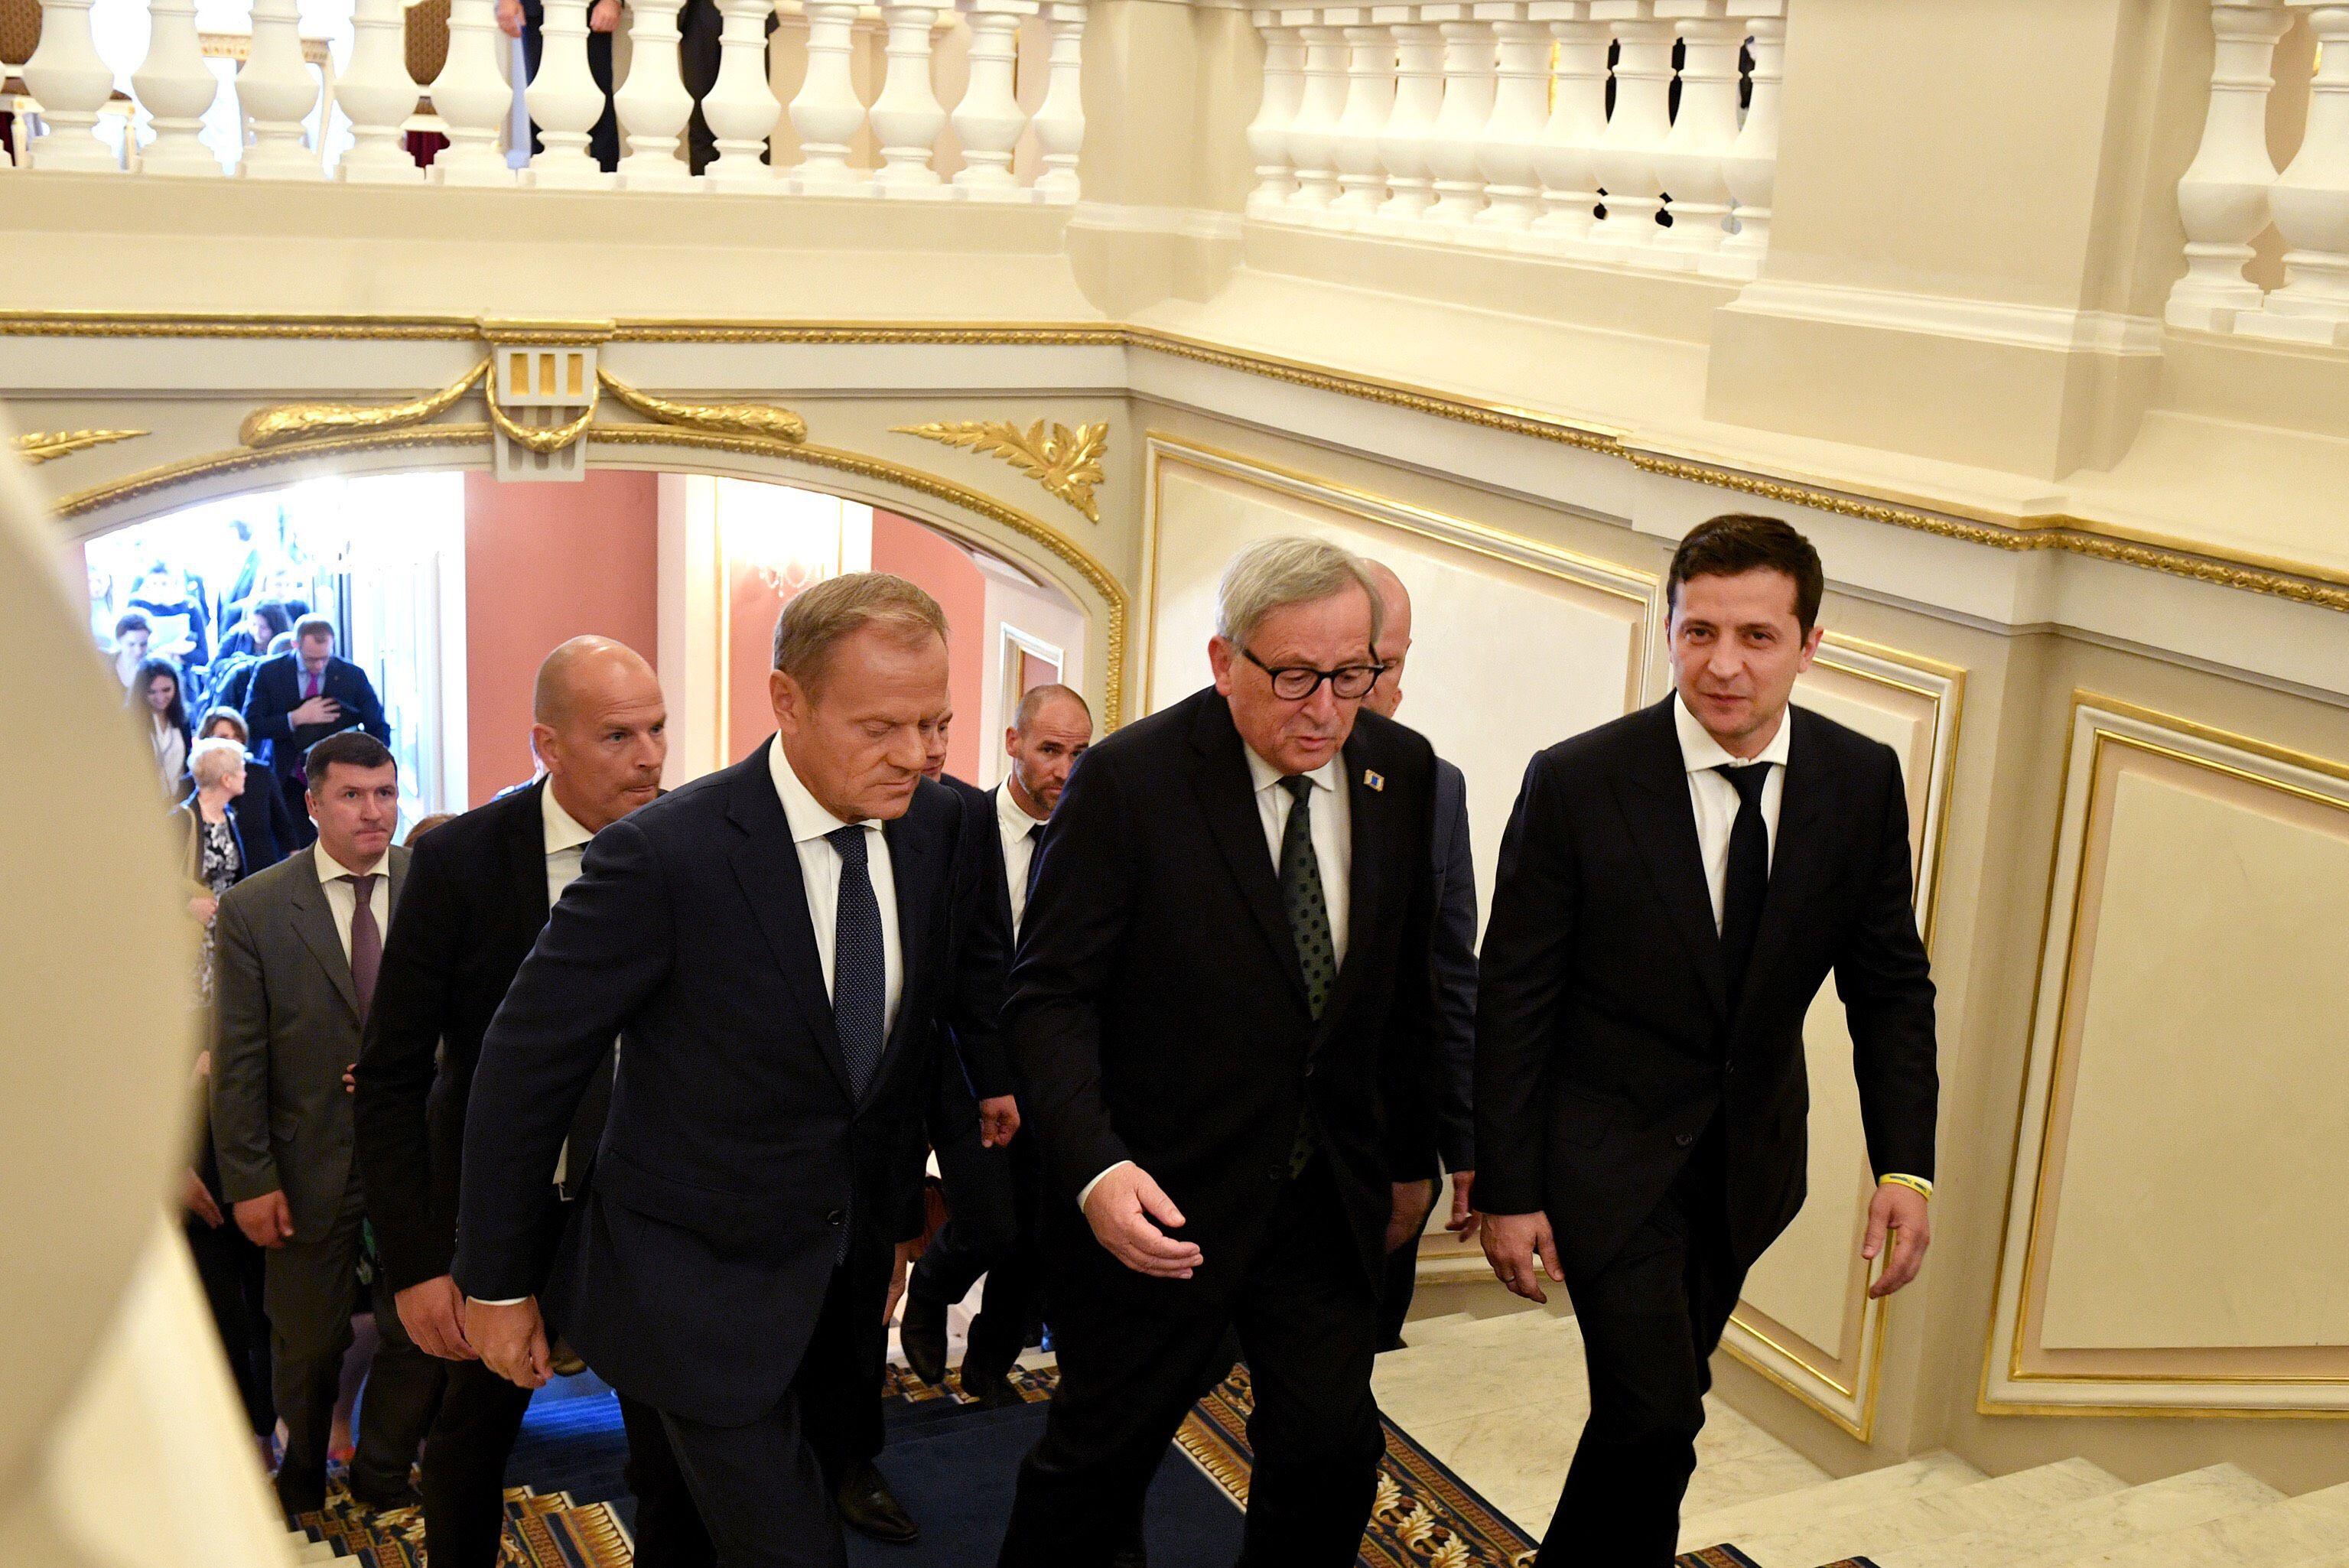 La Unión Europea seguirá apoyando a Ucrania